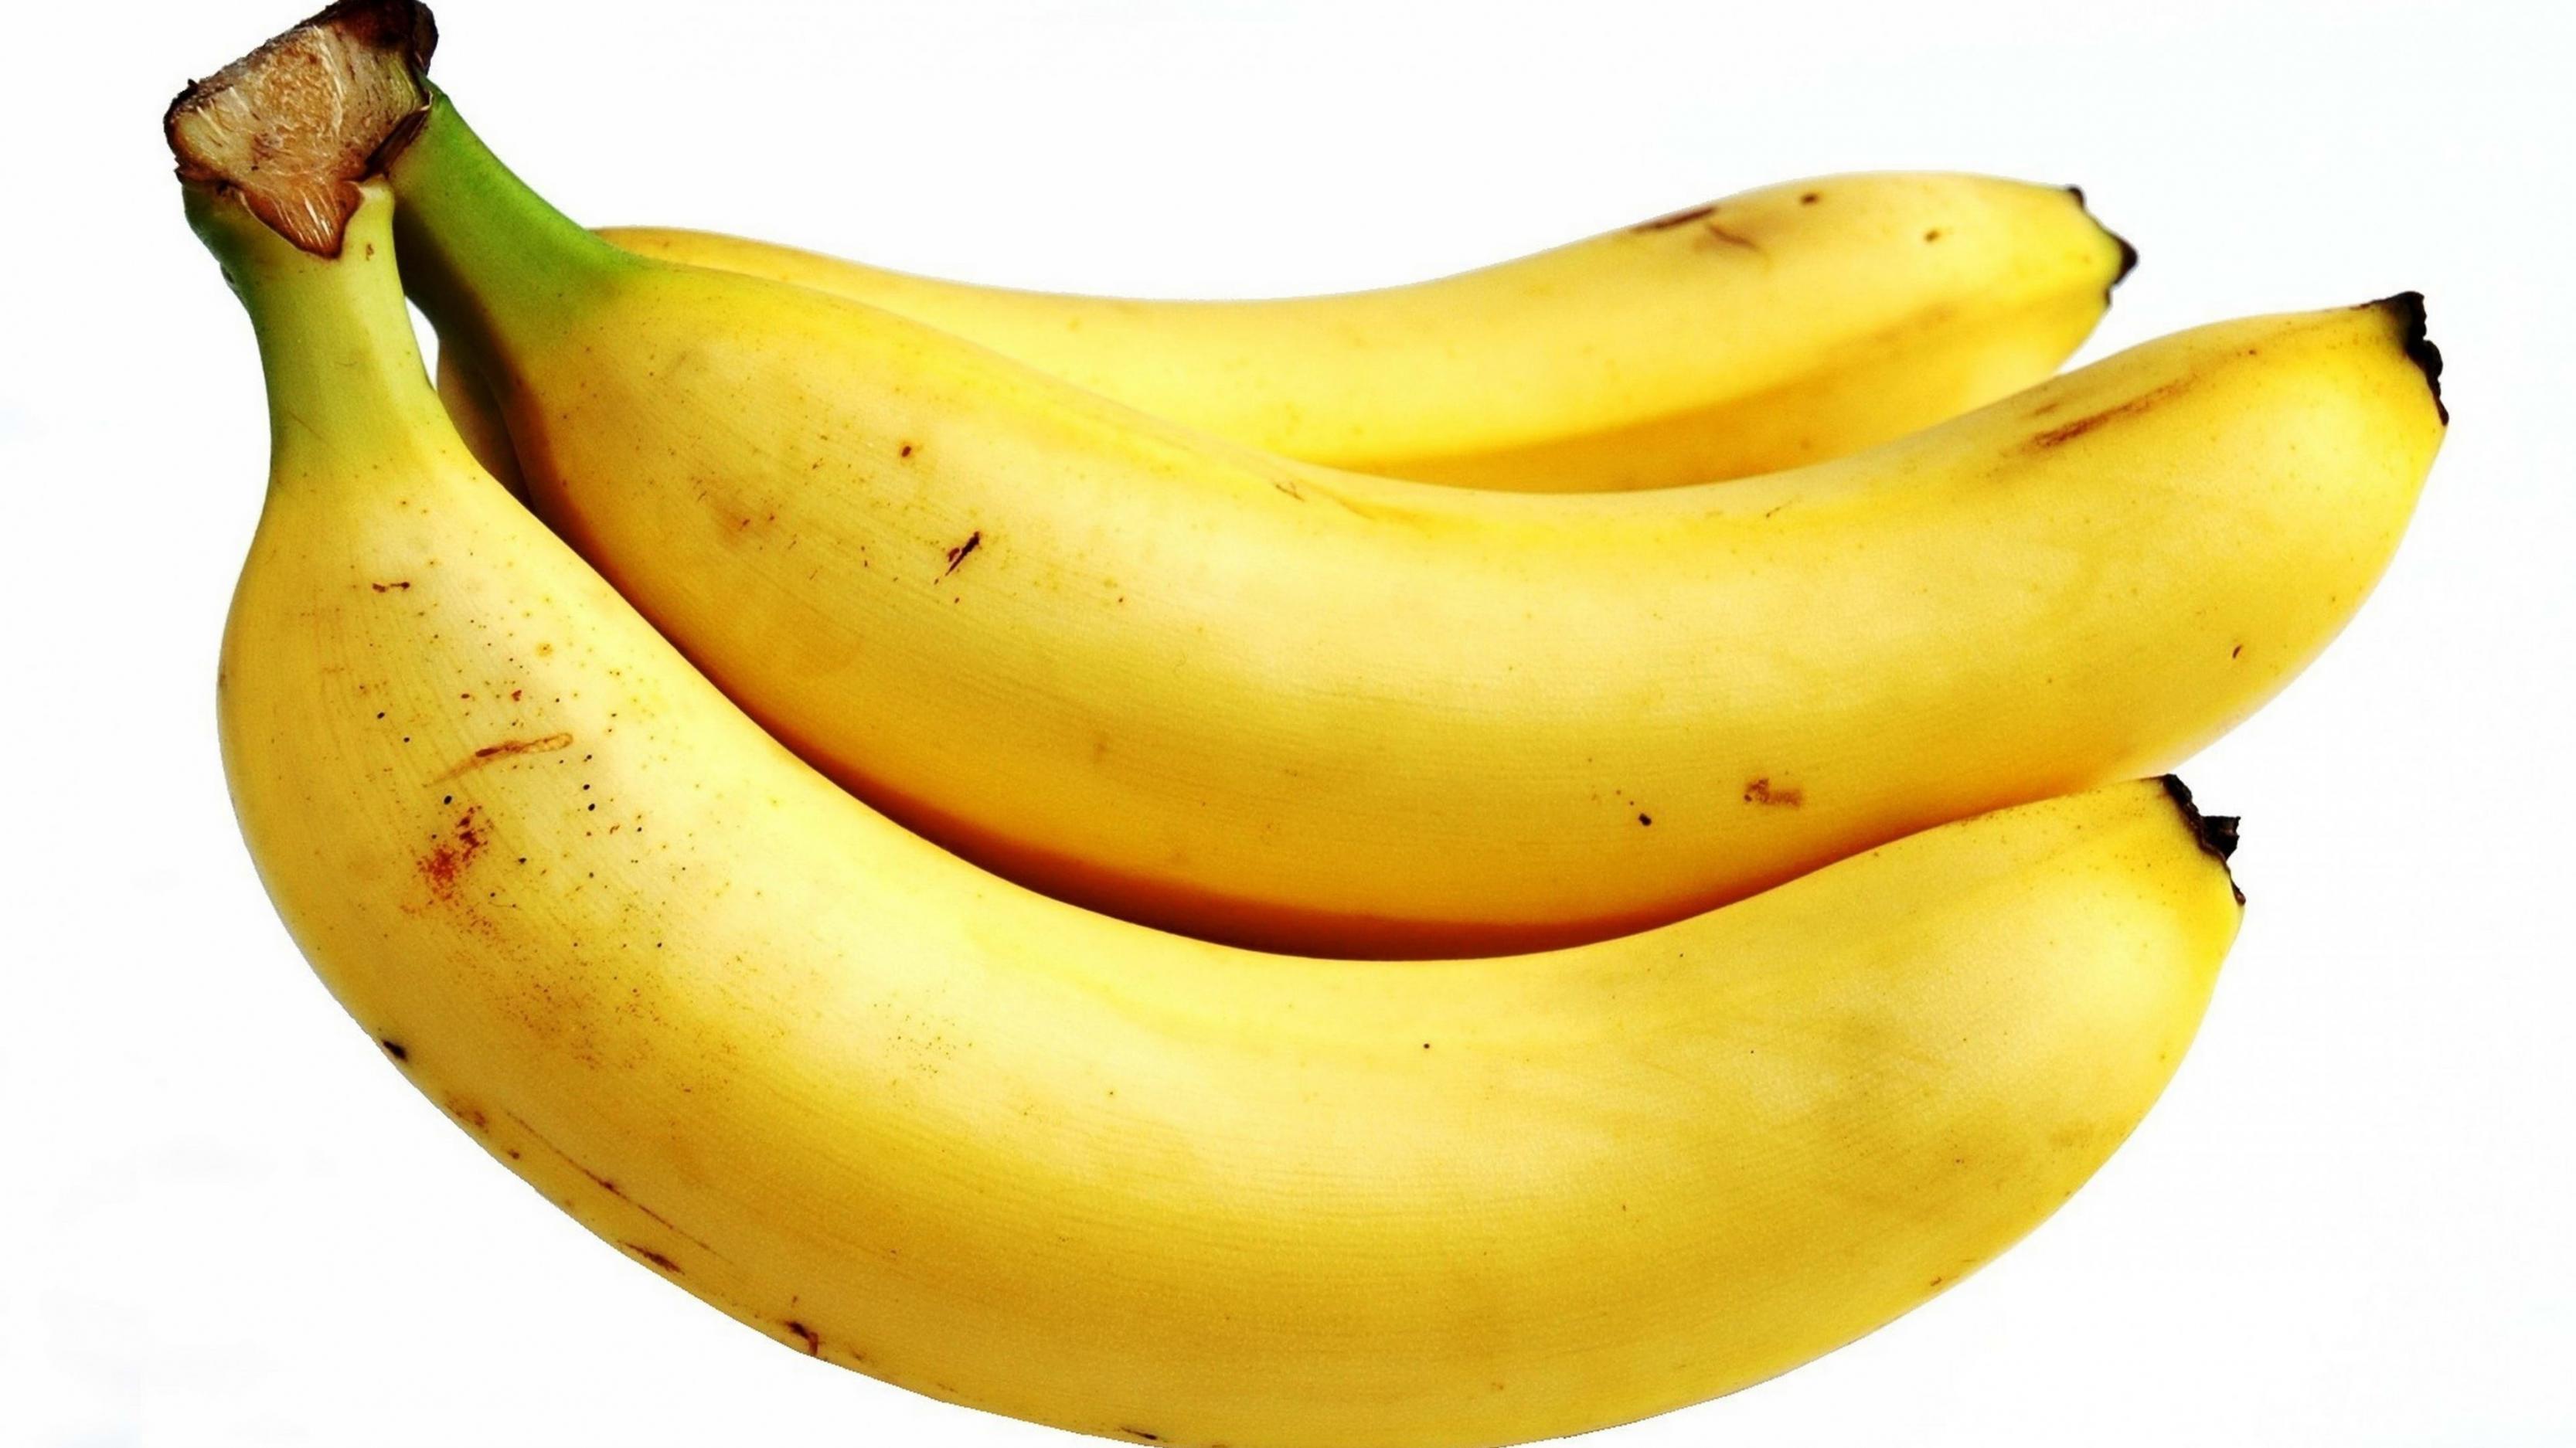 صوره اكل الموز قبل النوم , ماذا يحدث للجسم بعد اكل الموز قبل النوم